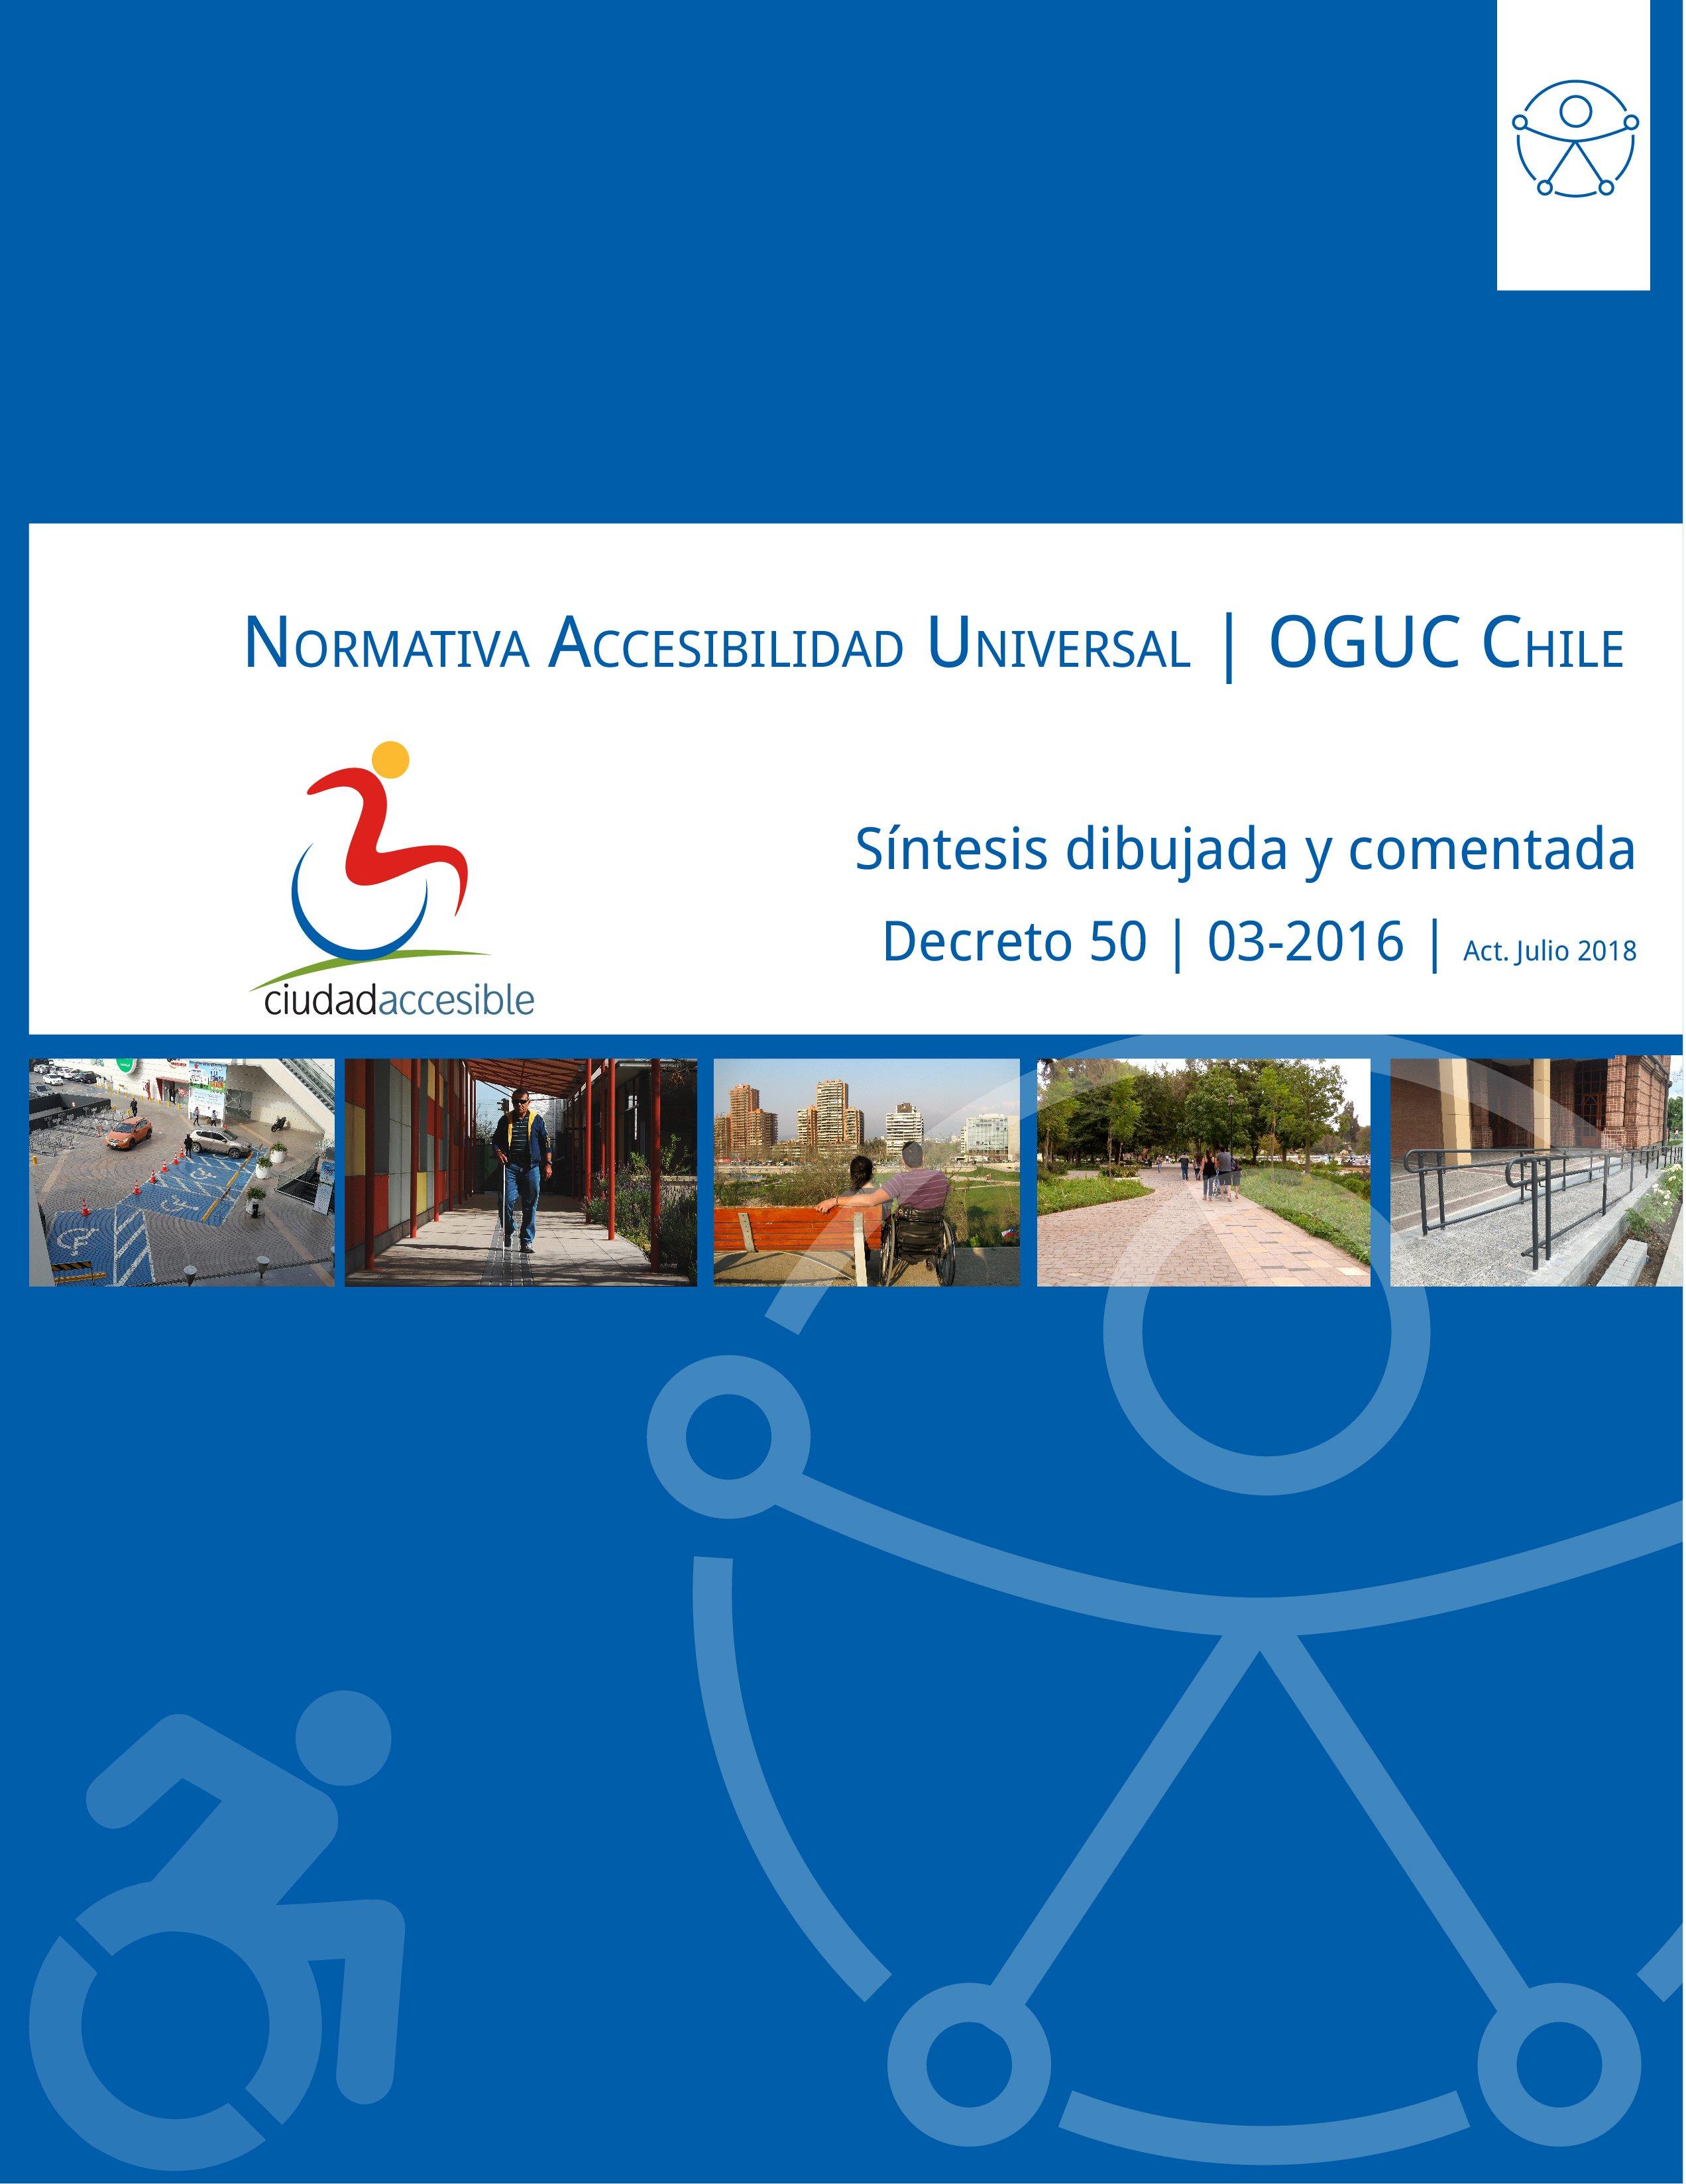 Portada Síntesis dibujada y comentada Accesibilidad OGUC 3